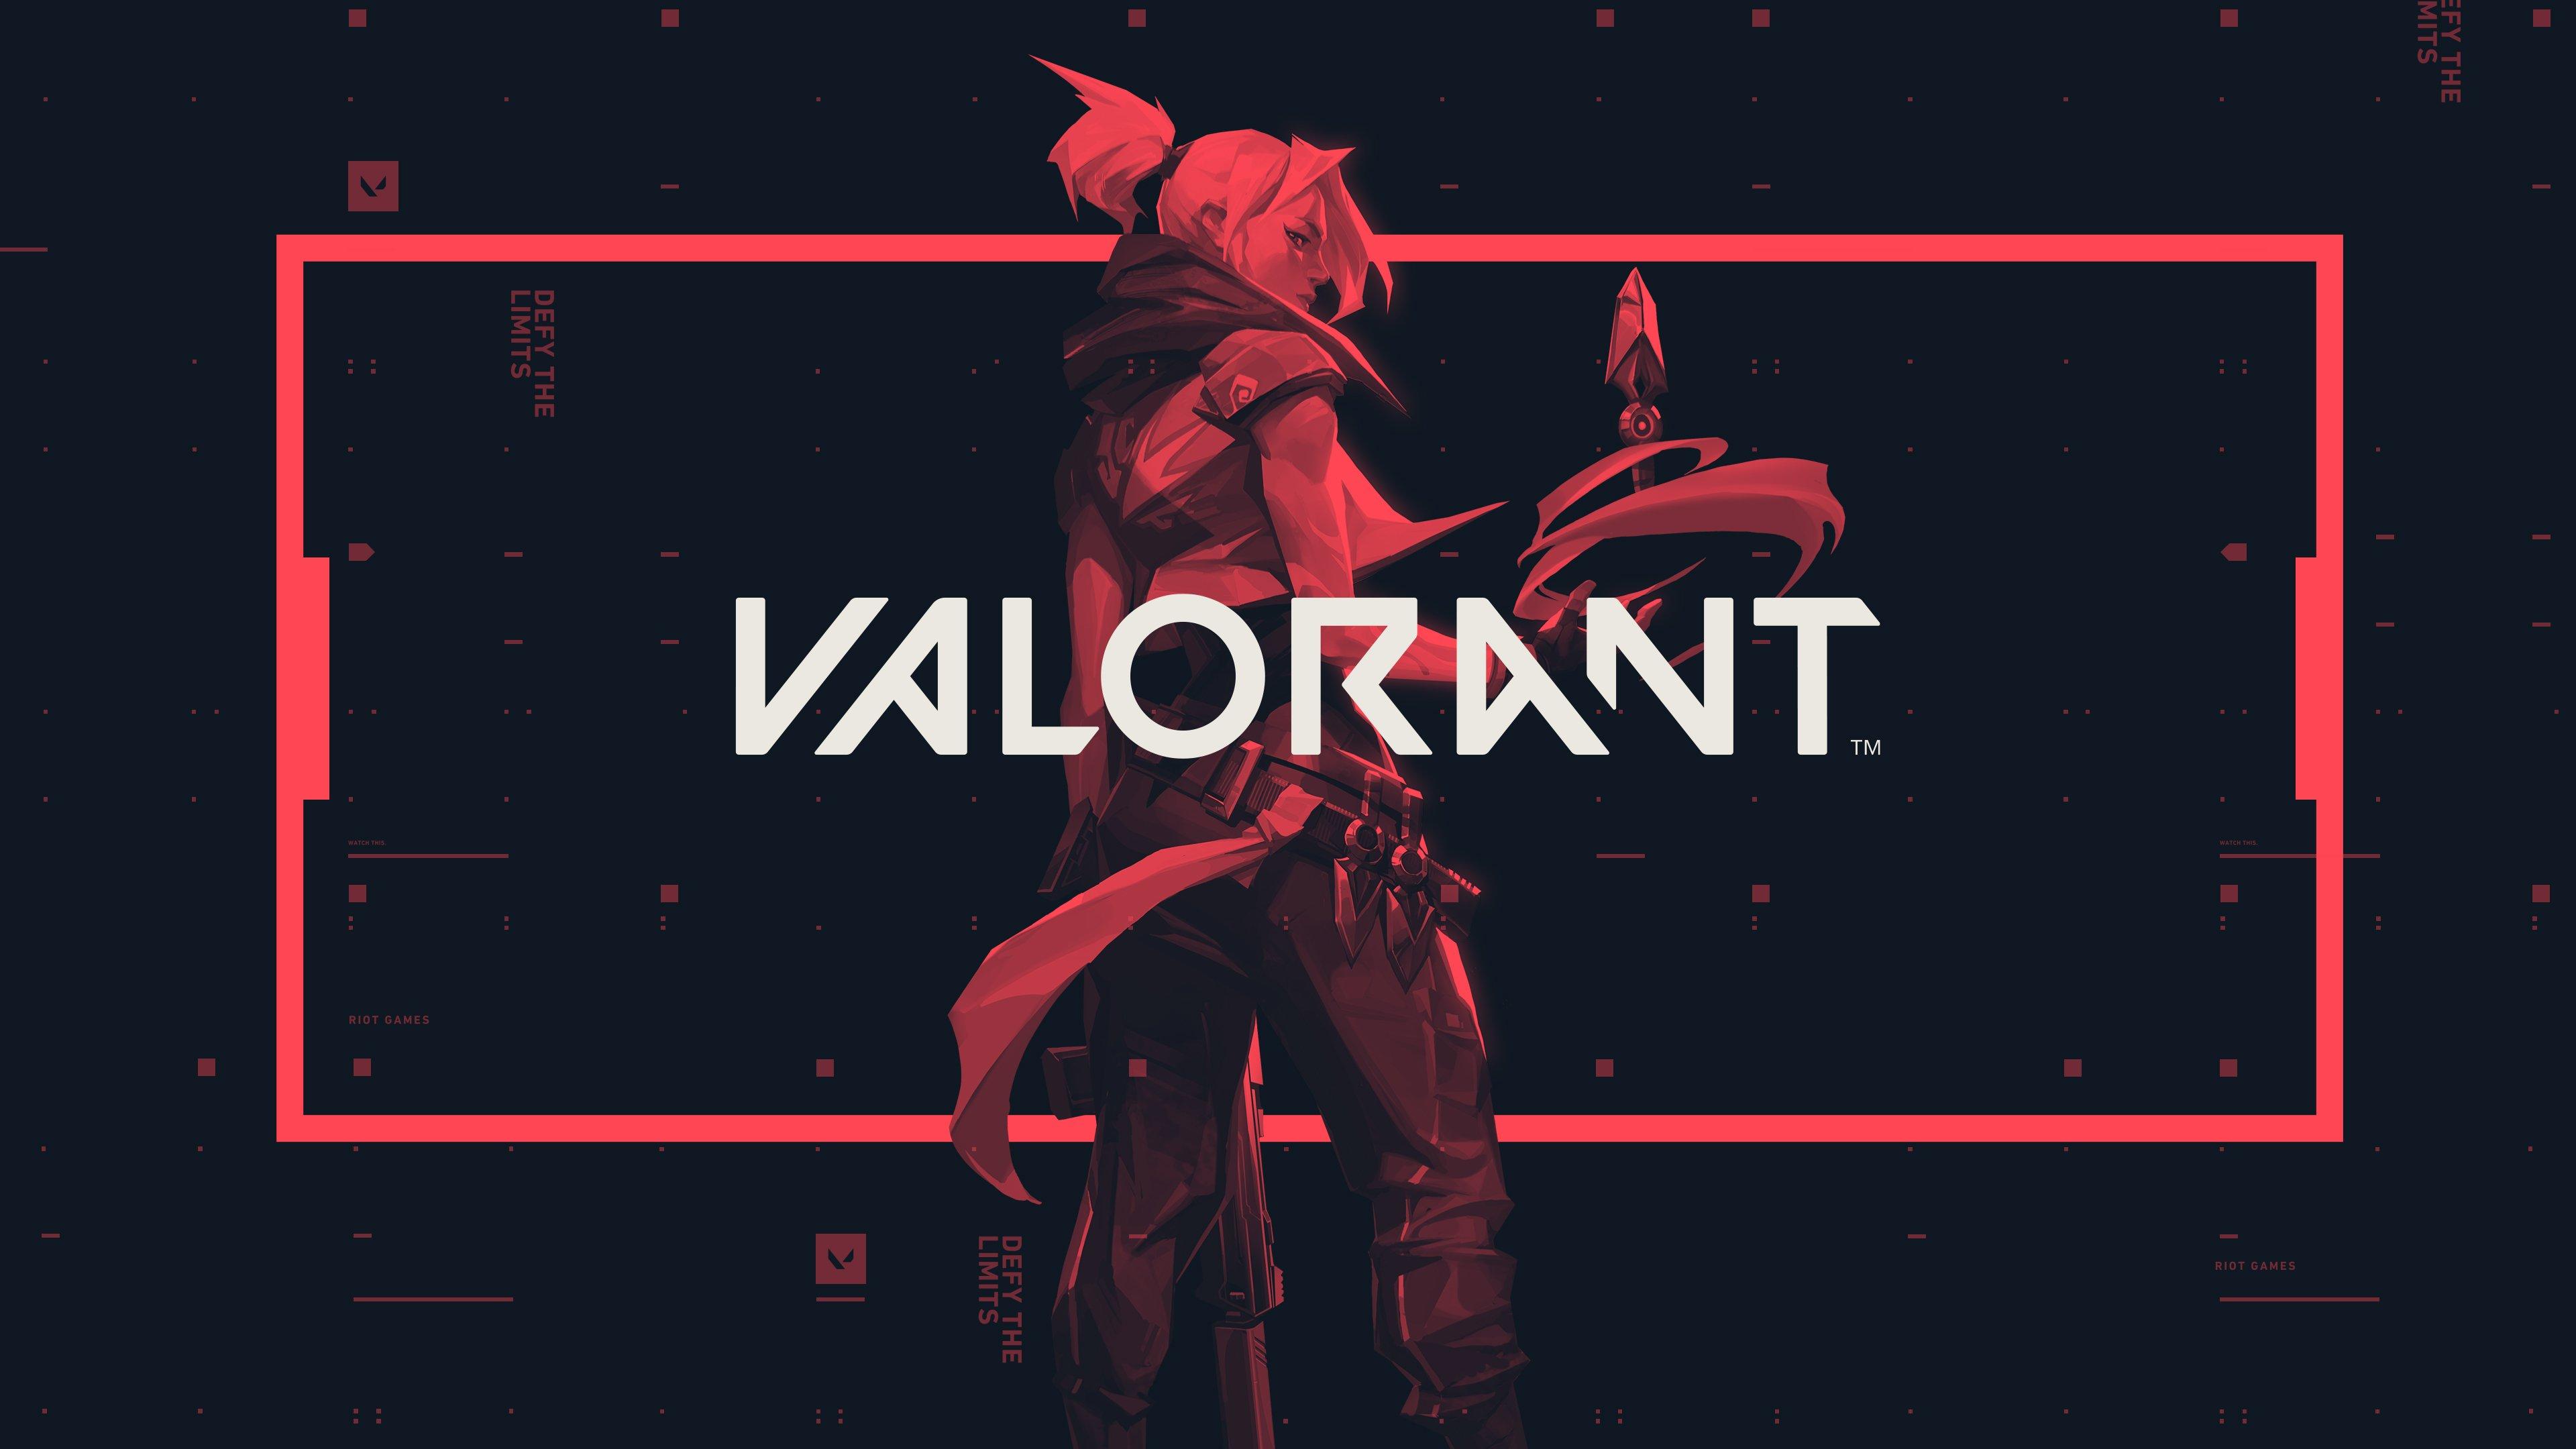 El cliente de VALORANT está disponible para descargar pero nadie puede iniciar sesión